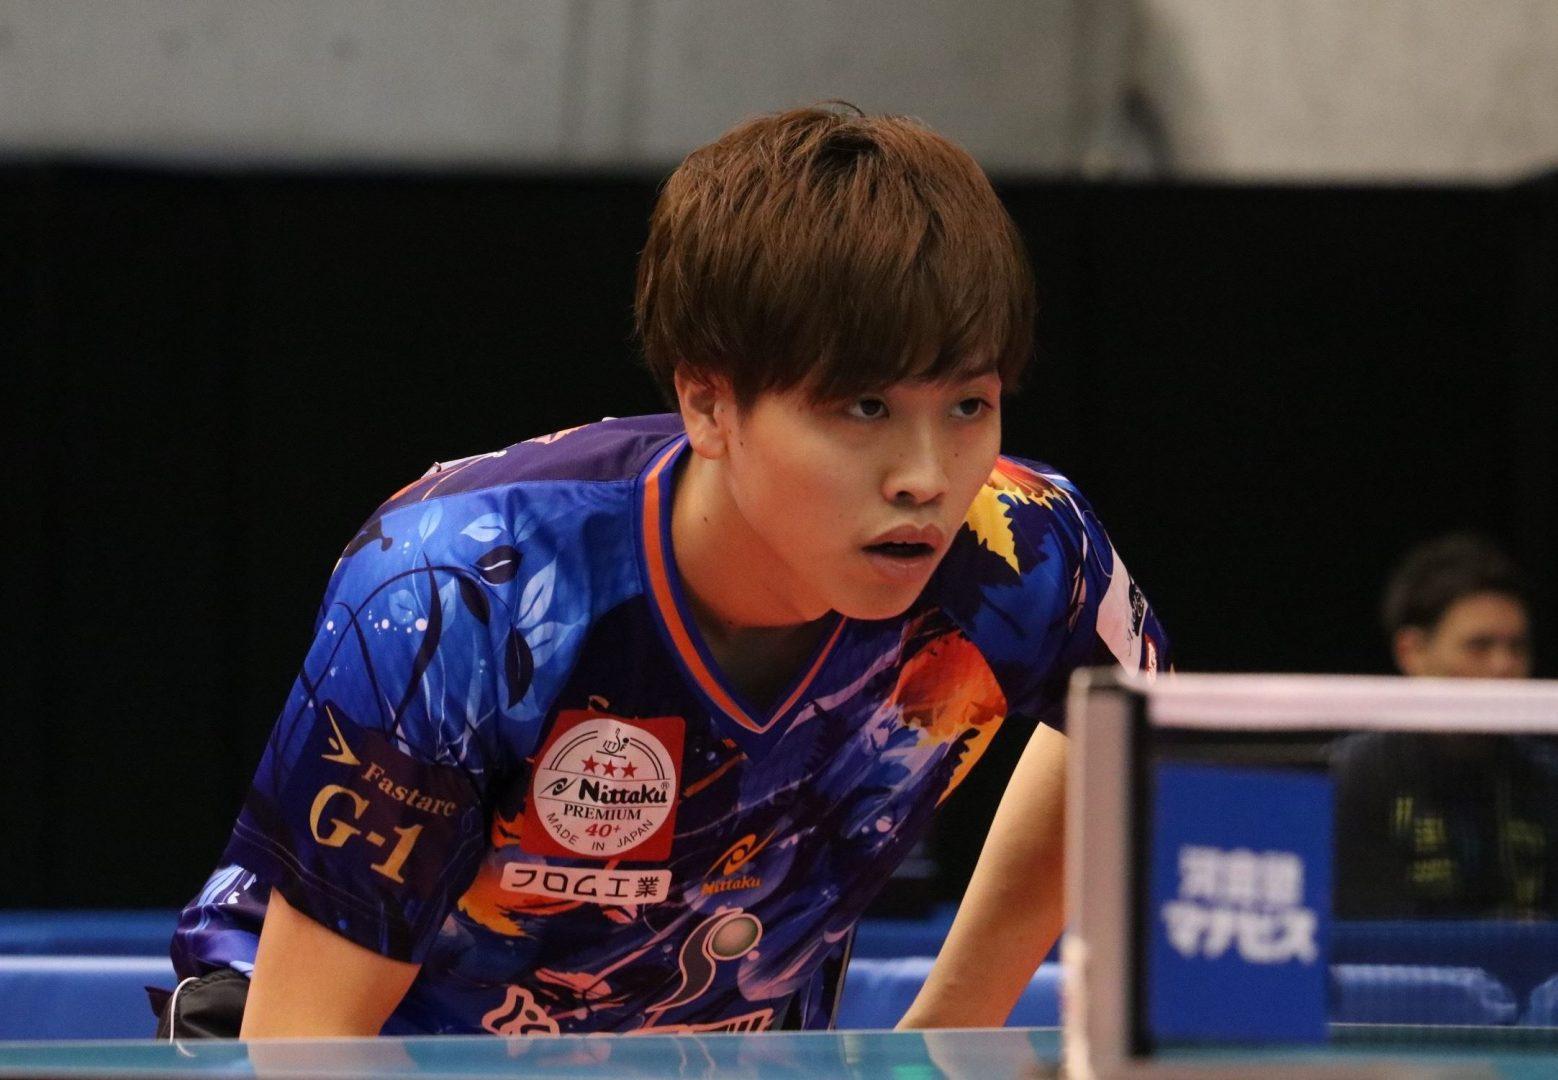 【特集:東京2020期待の星】張本・水谷らとチームメイトに 専大卒業の田添健汰はTリーグで活躍なるか